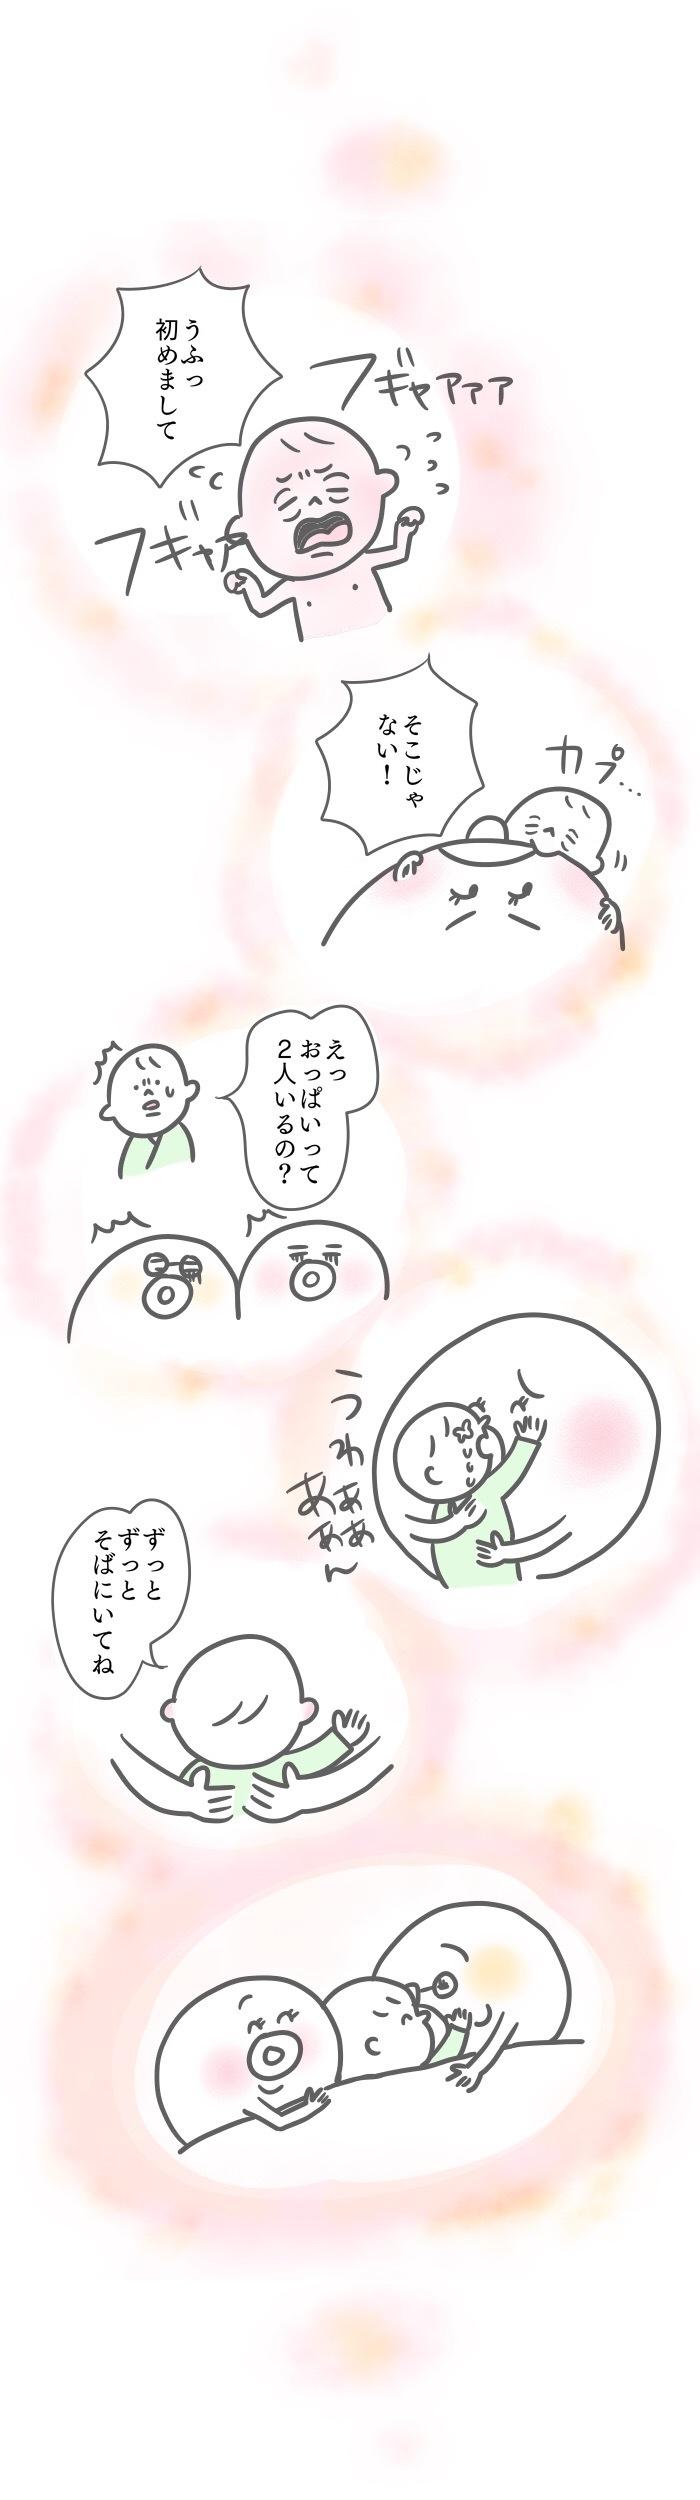 ありがとう、いってらっしゃい。/おっぱいとぼく2【最終話】の画像7